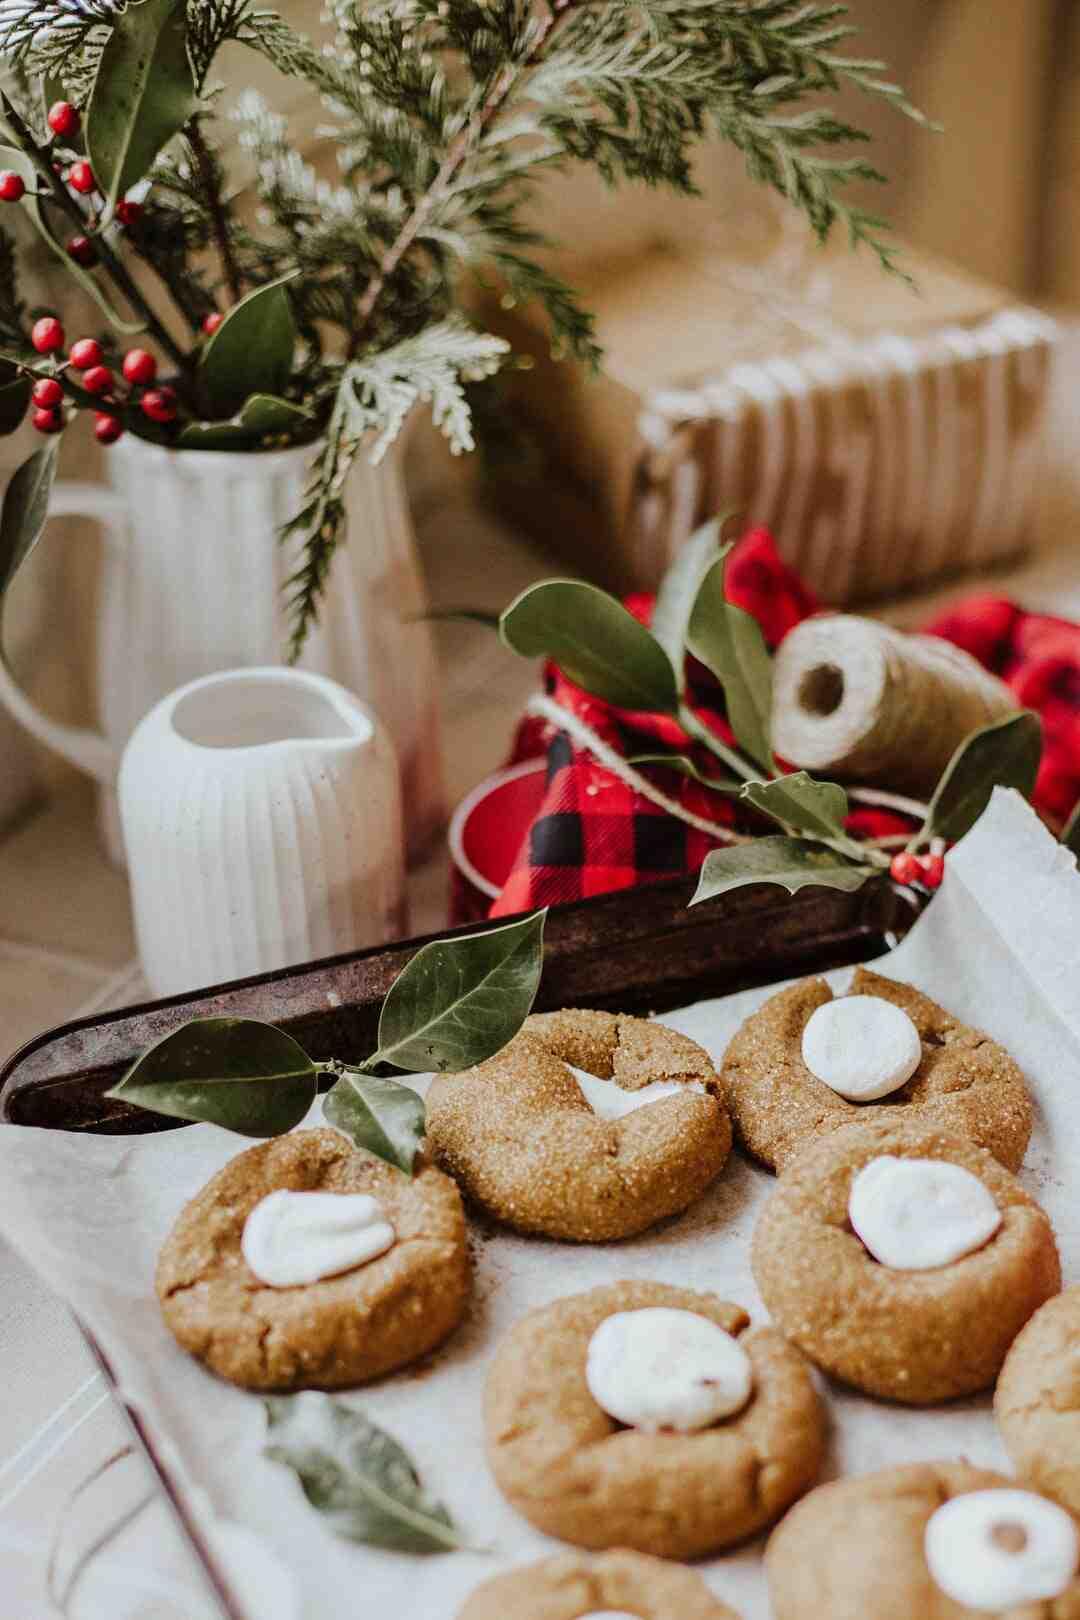 Comment savoir si des cookies sont bien cuits ?